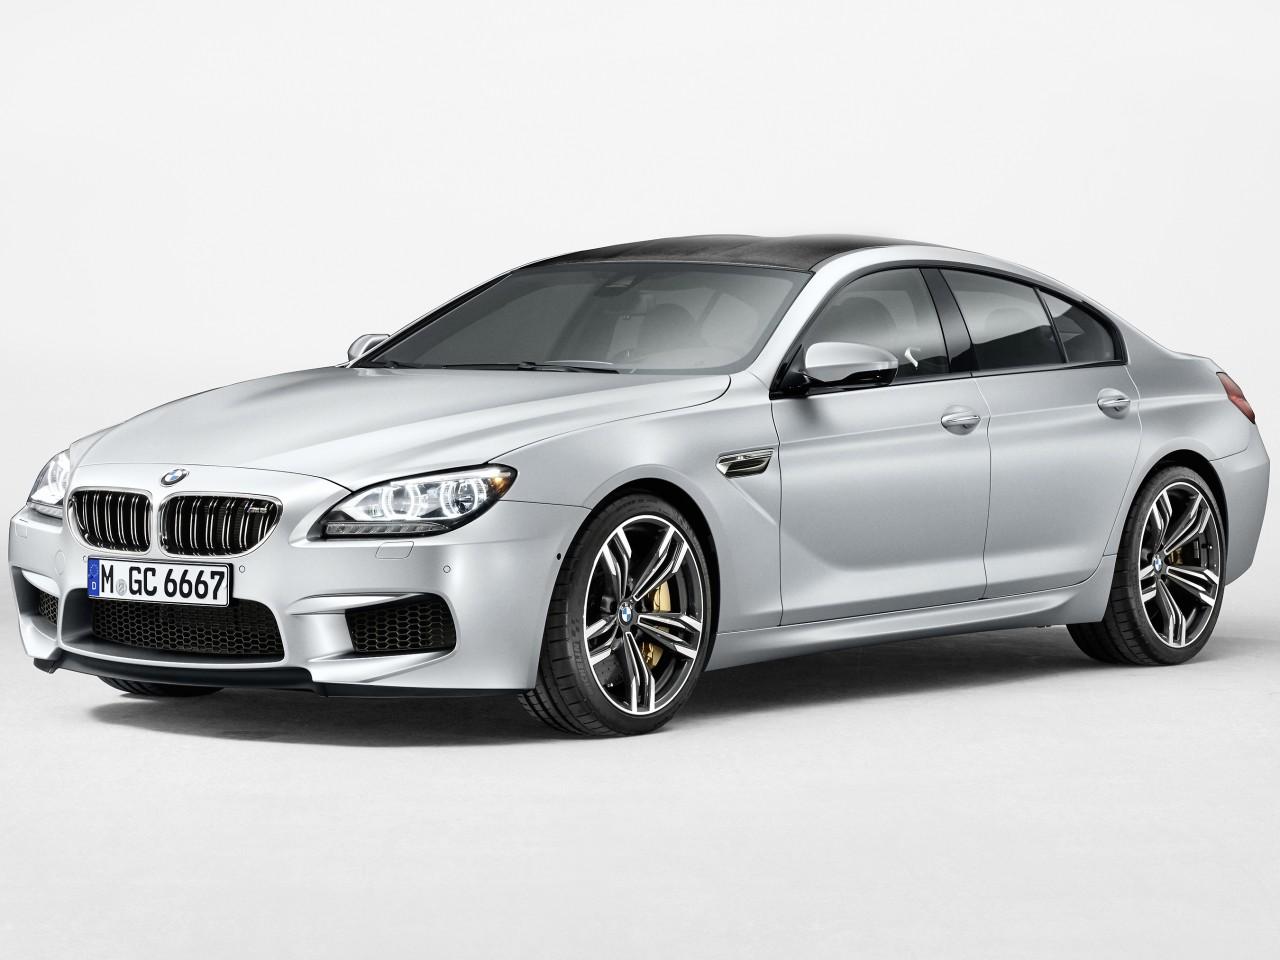 【BMWリコール】BMW M6 グランクーペ 364台をリコール